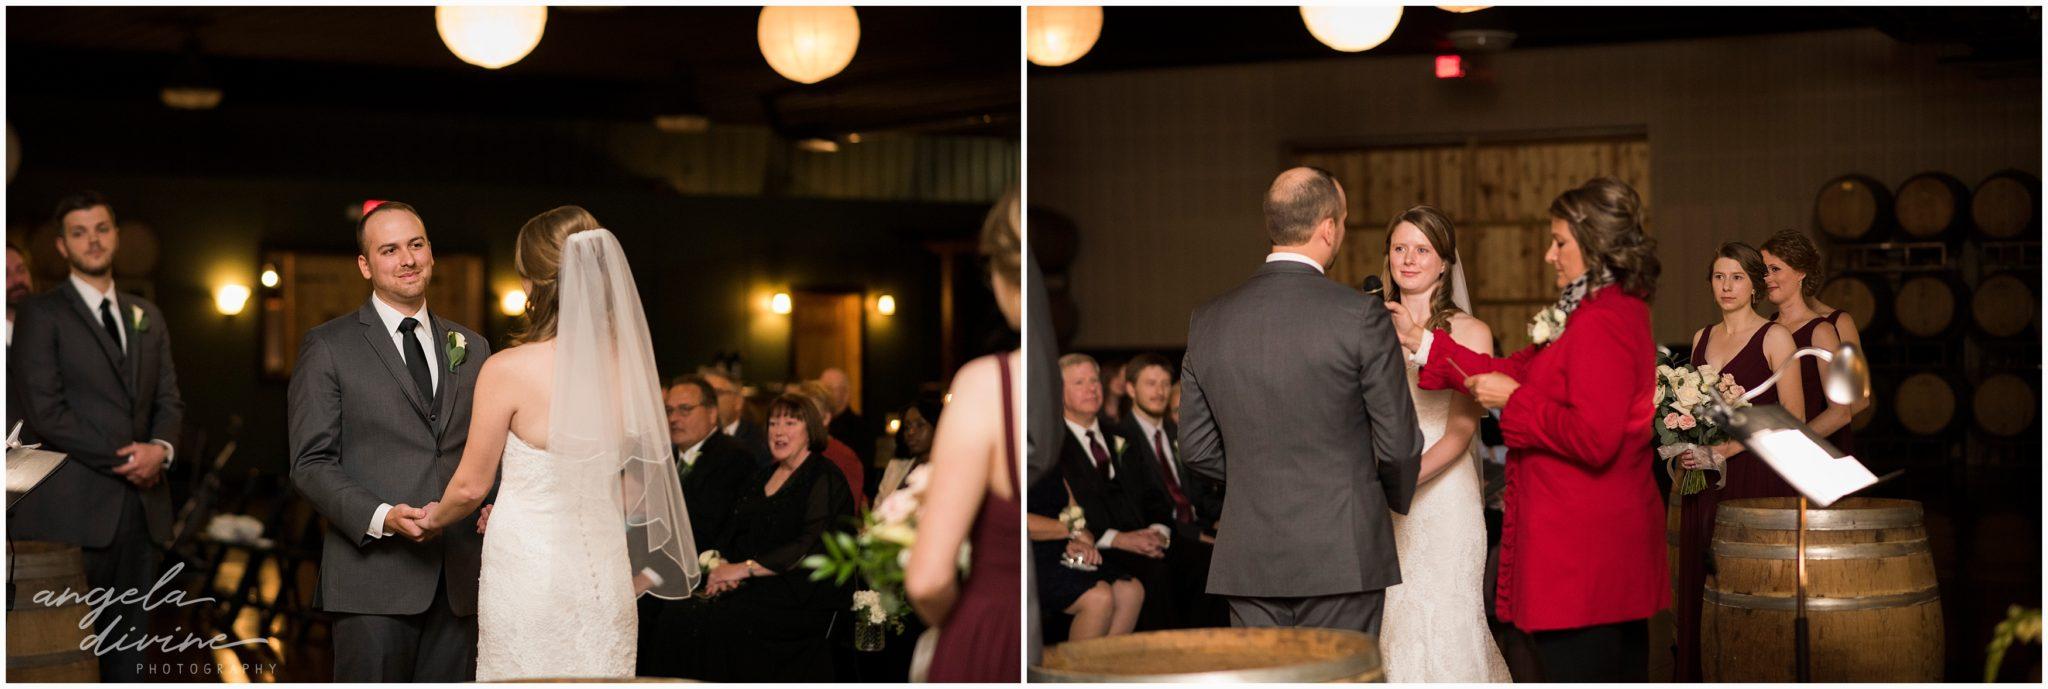 Carlos Creek Winery Wedding Ceremony Vows